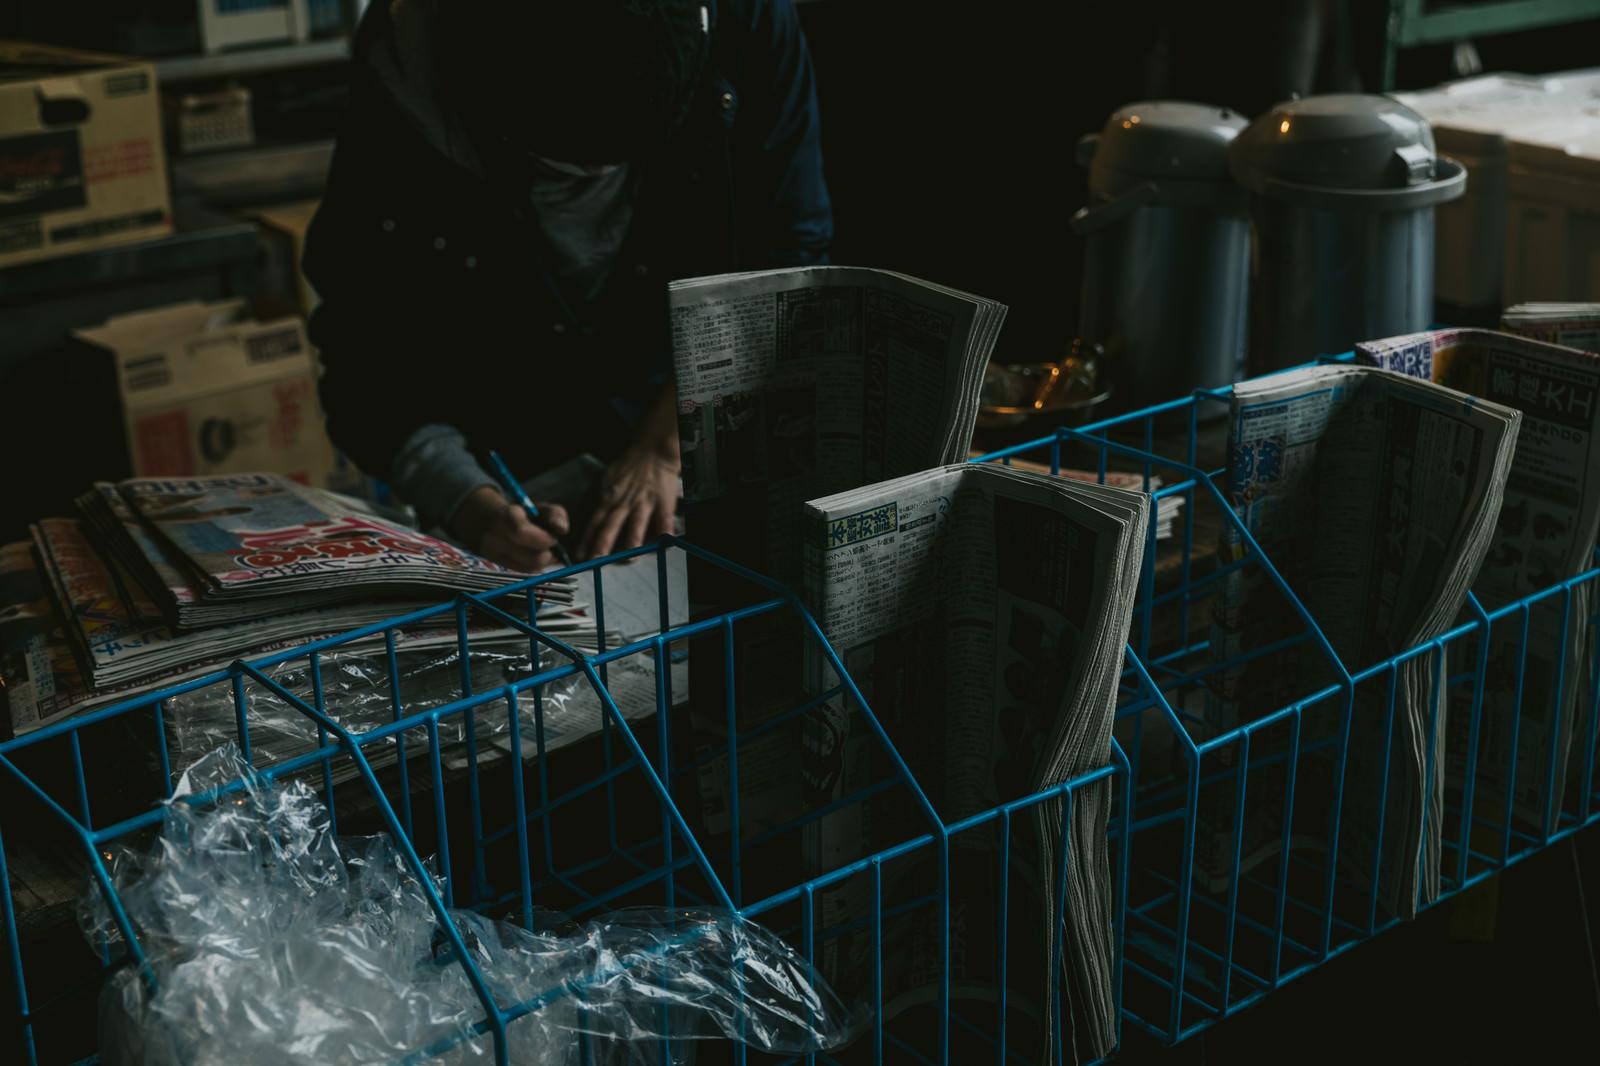 「薄暗い売店」の写真